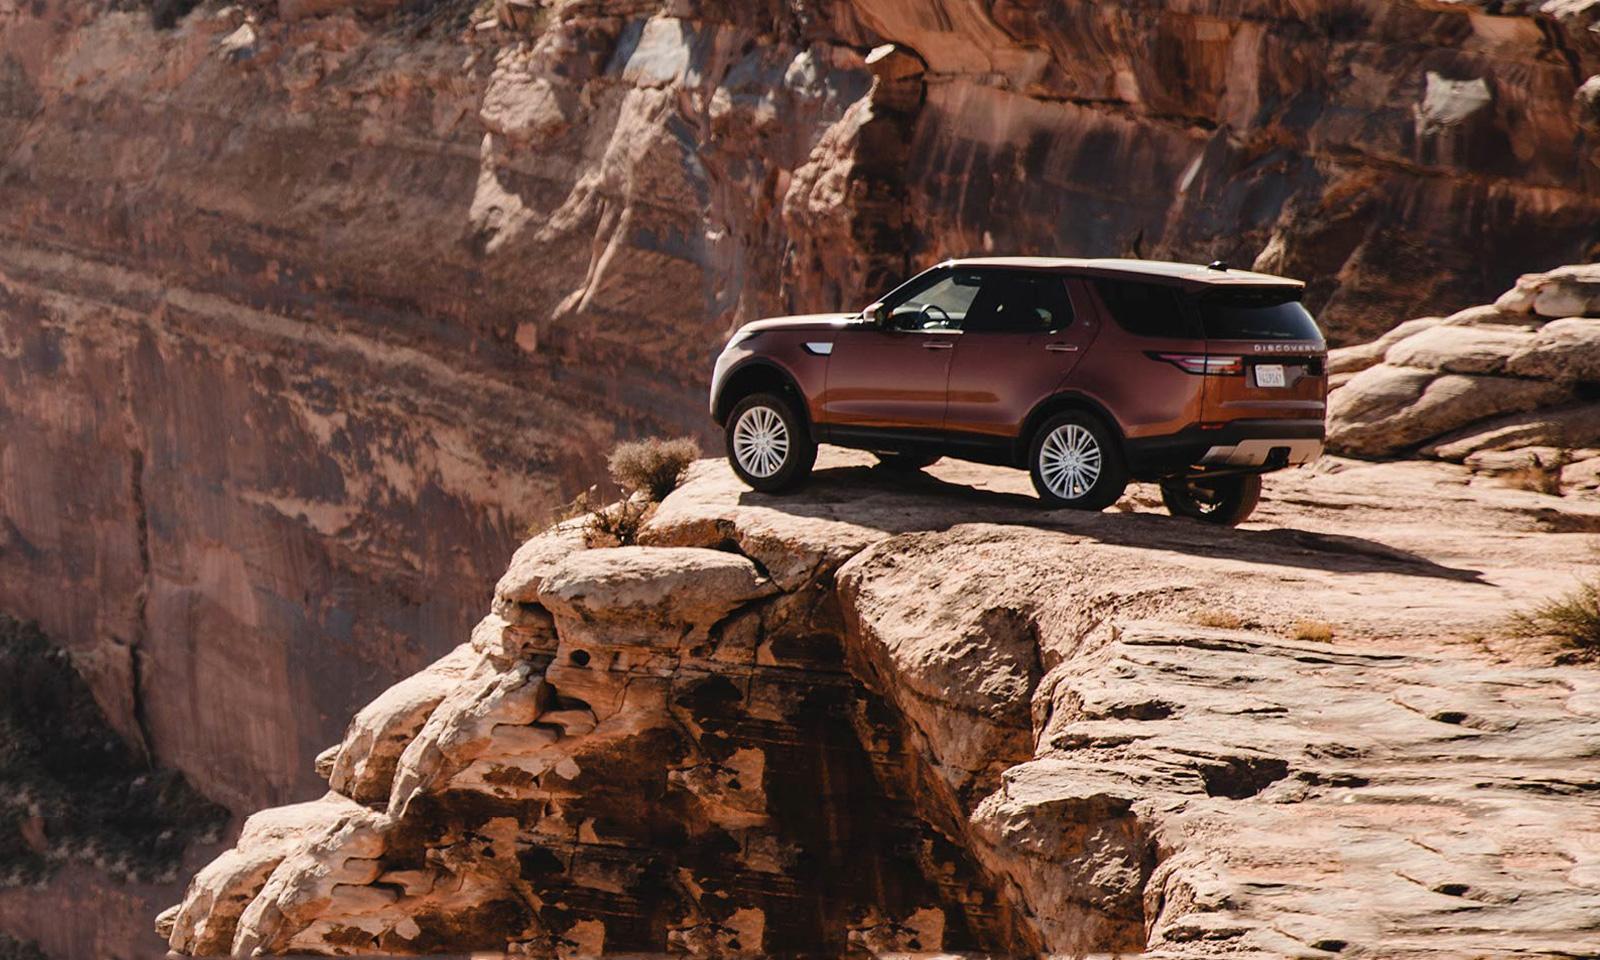 Land Rover Travel Adventure in Utah